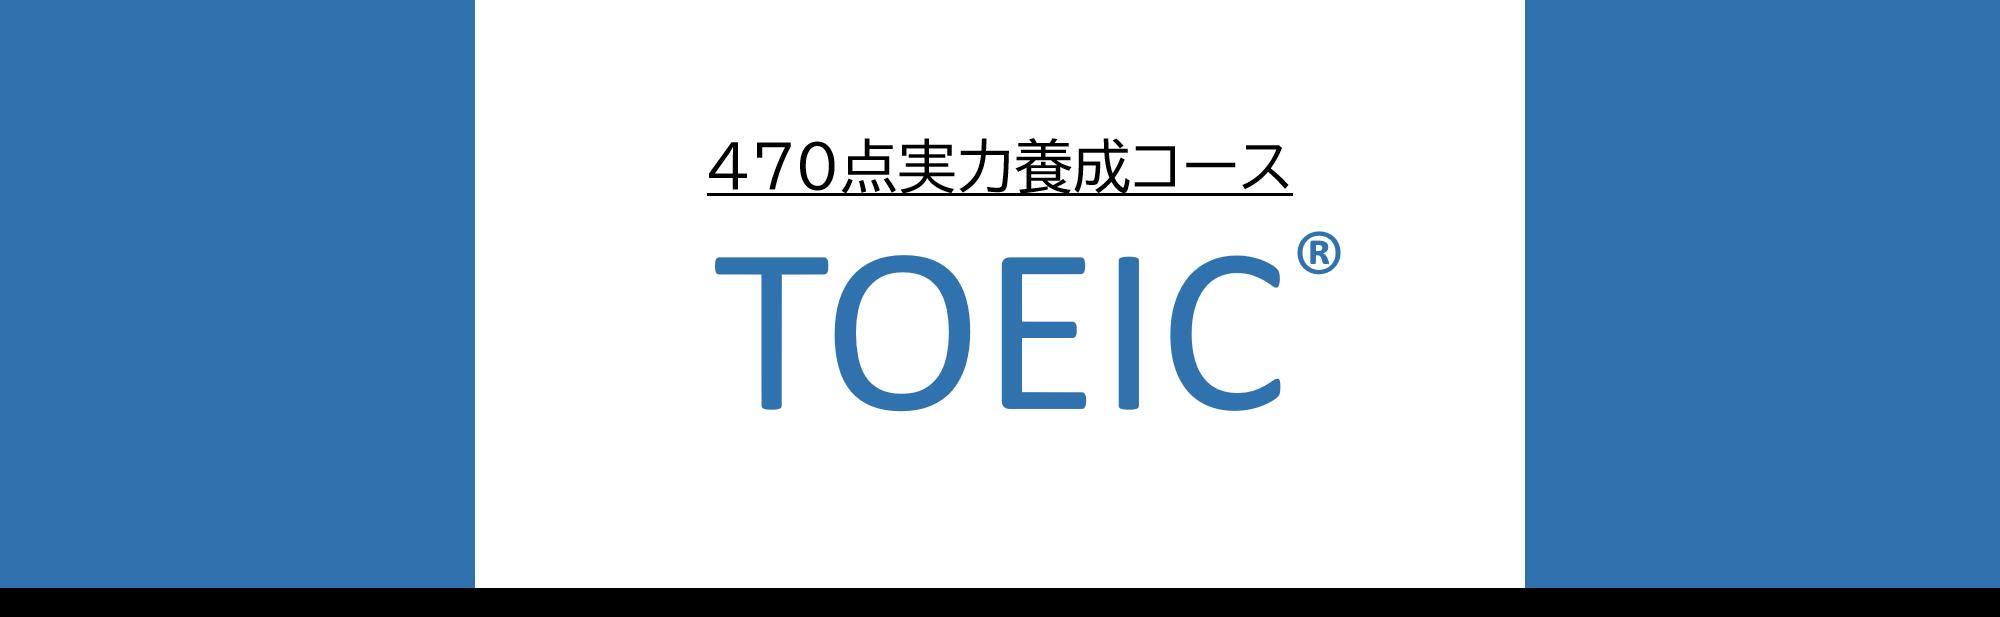 TOEIC® L&R TEST 470点実力養成コース